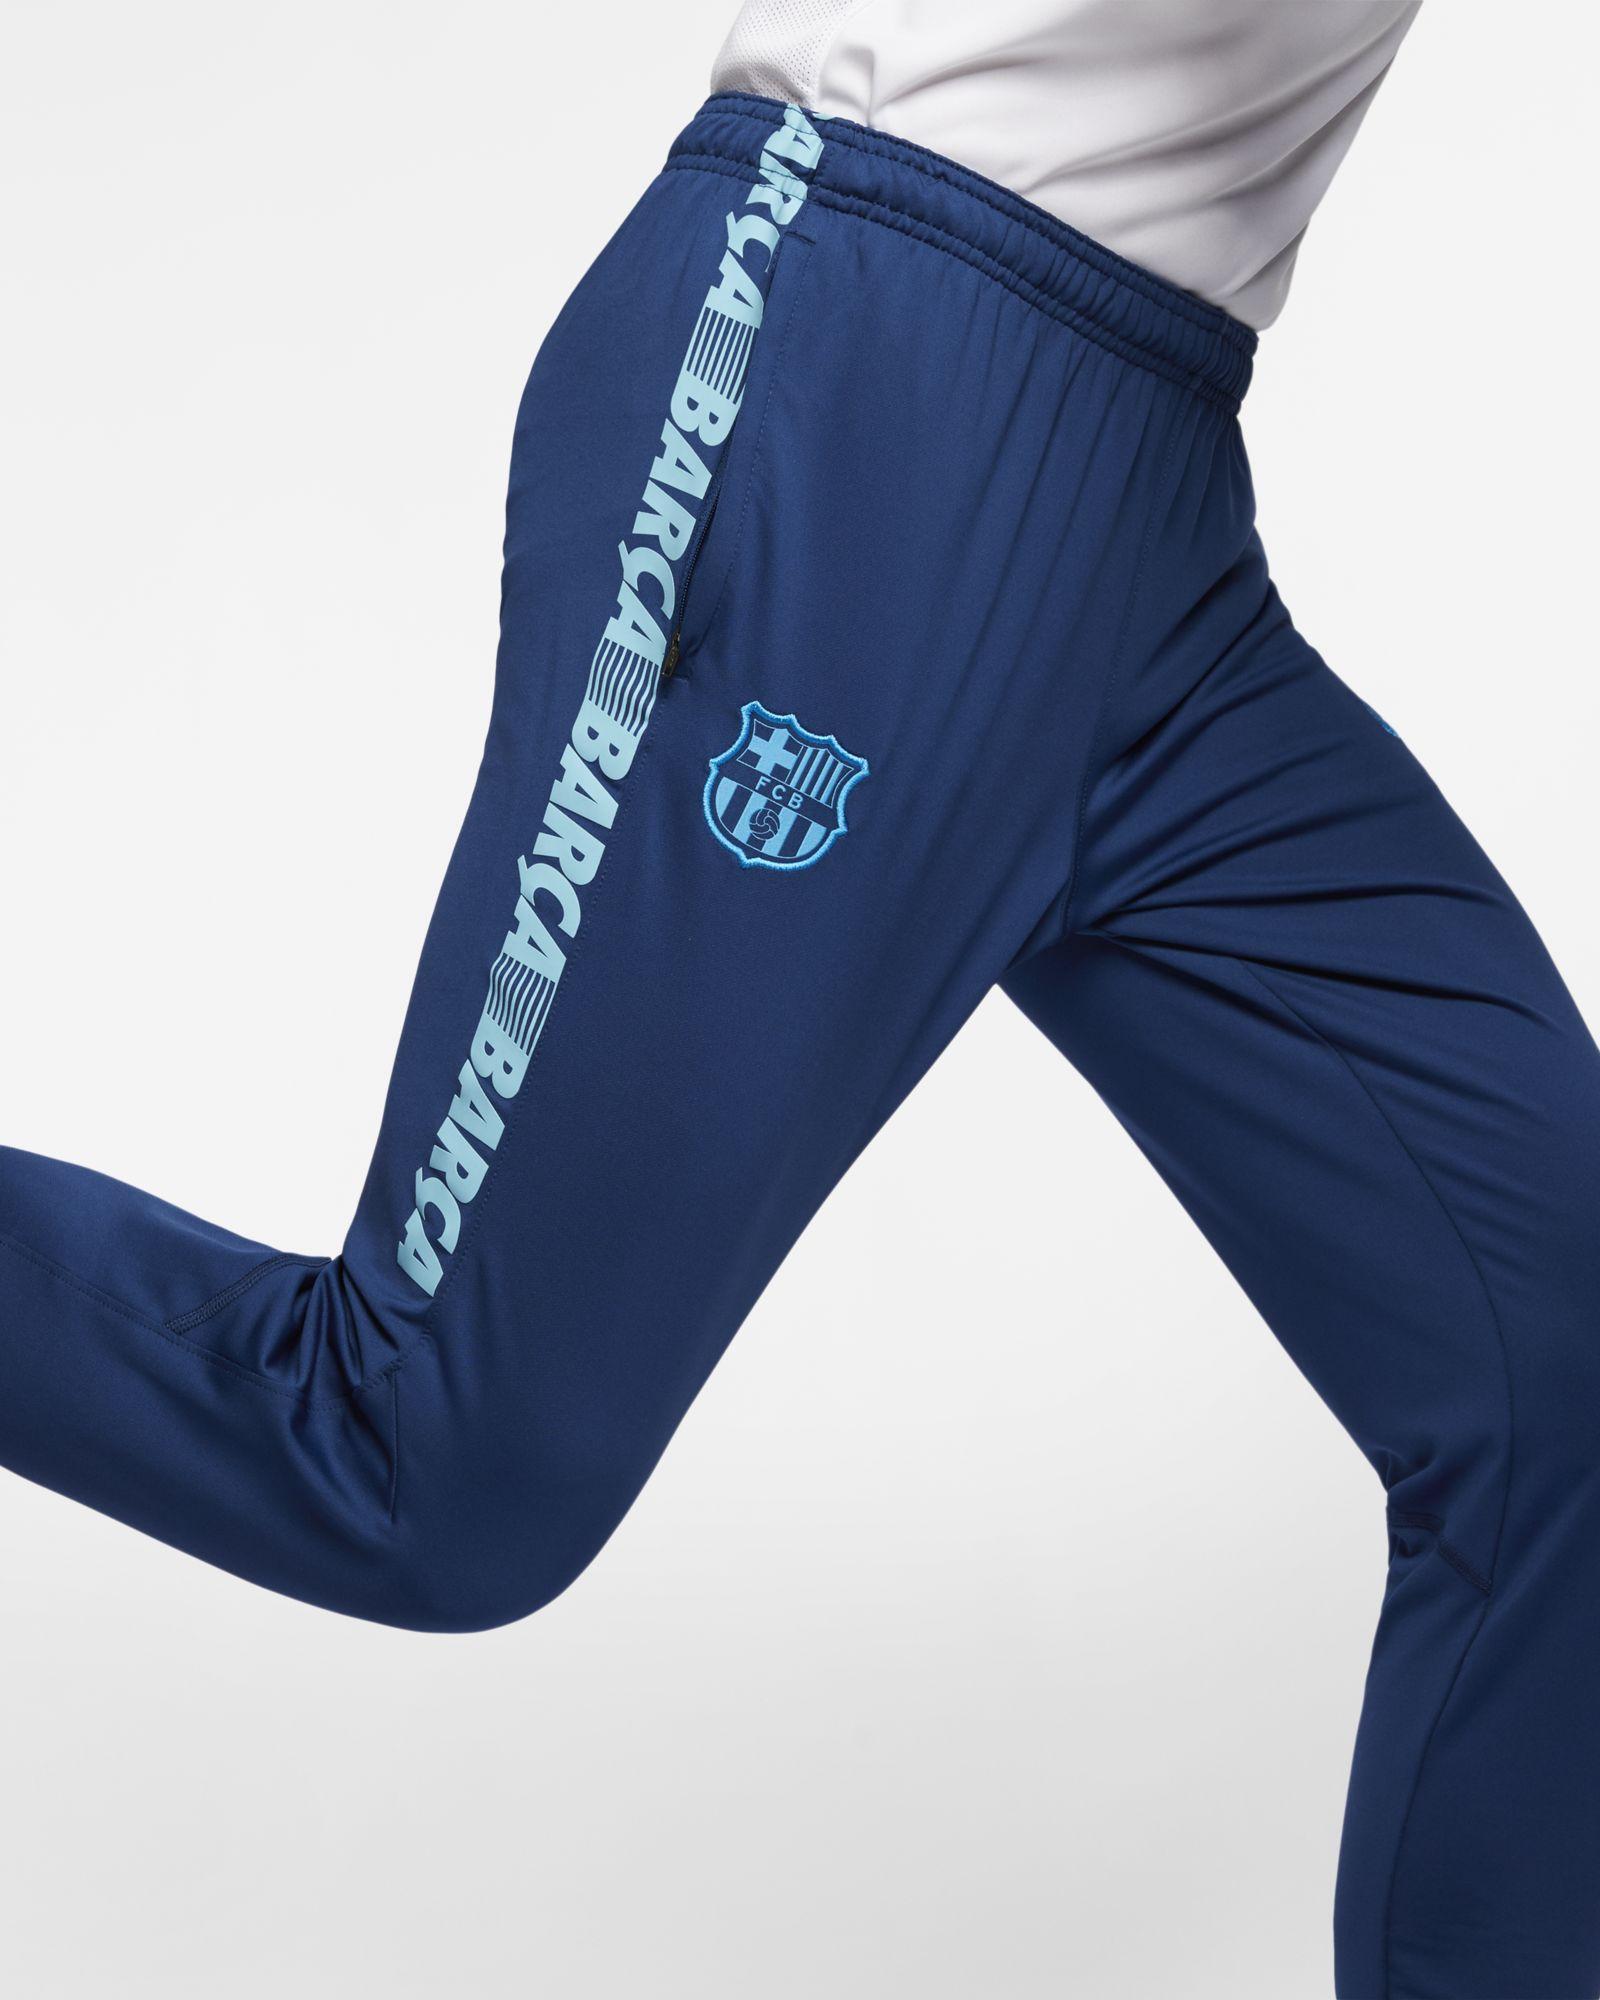 1503f7f144d Nike FC Barcelona 2018/19 Dri-FIT Squad Pants - Soccer Shop ...